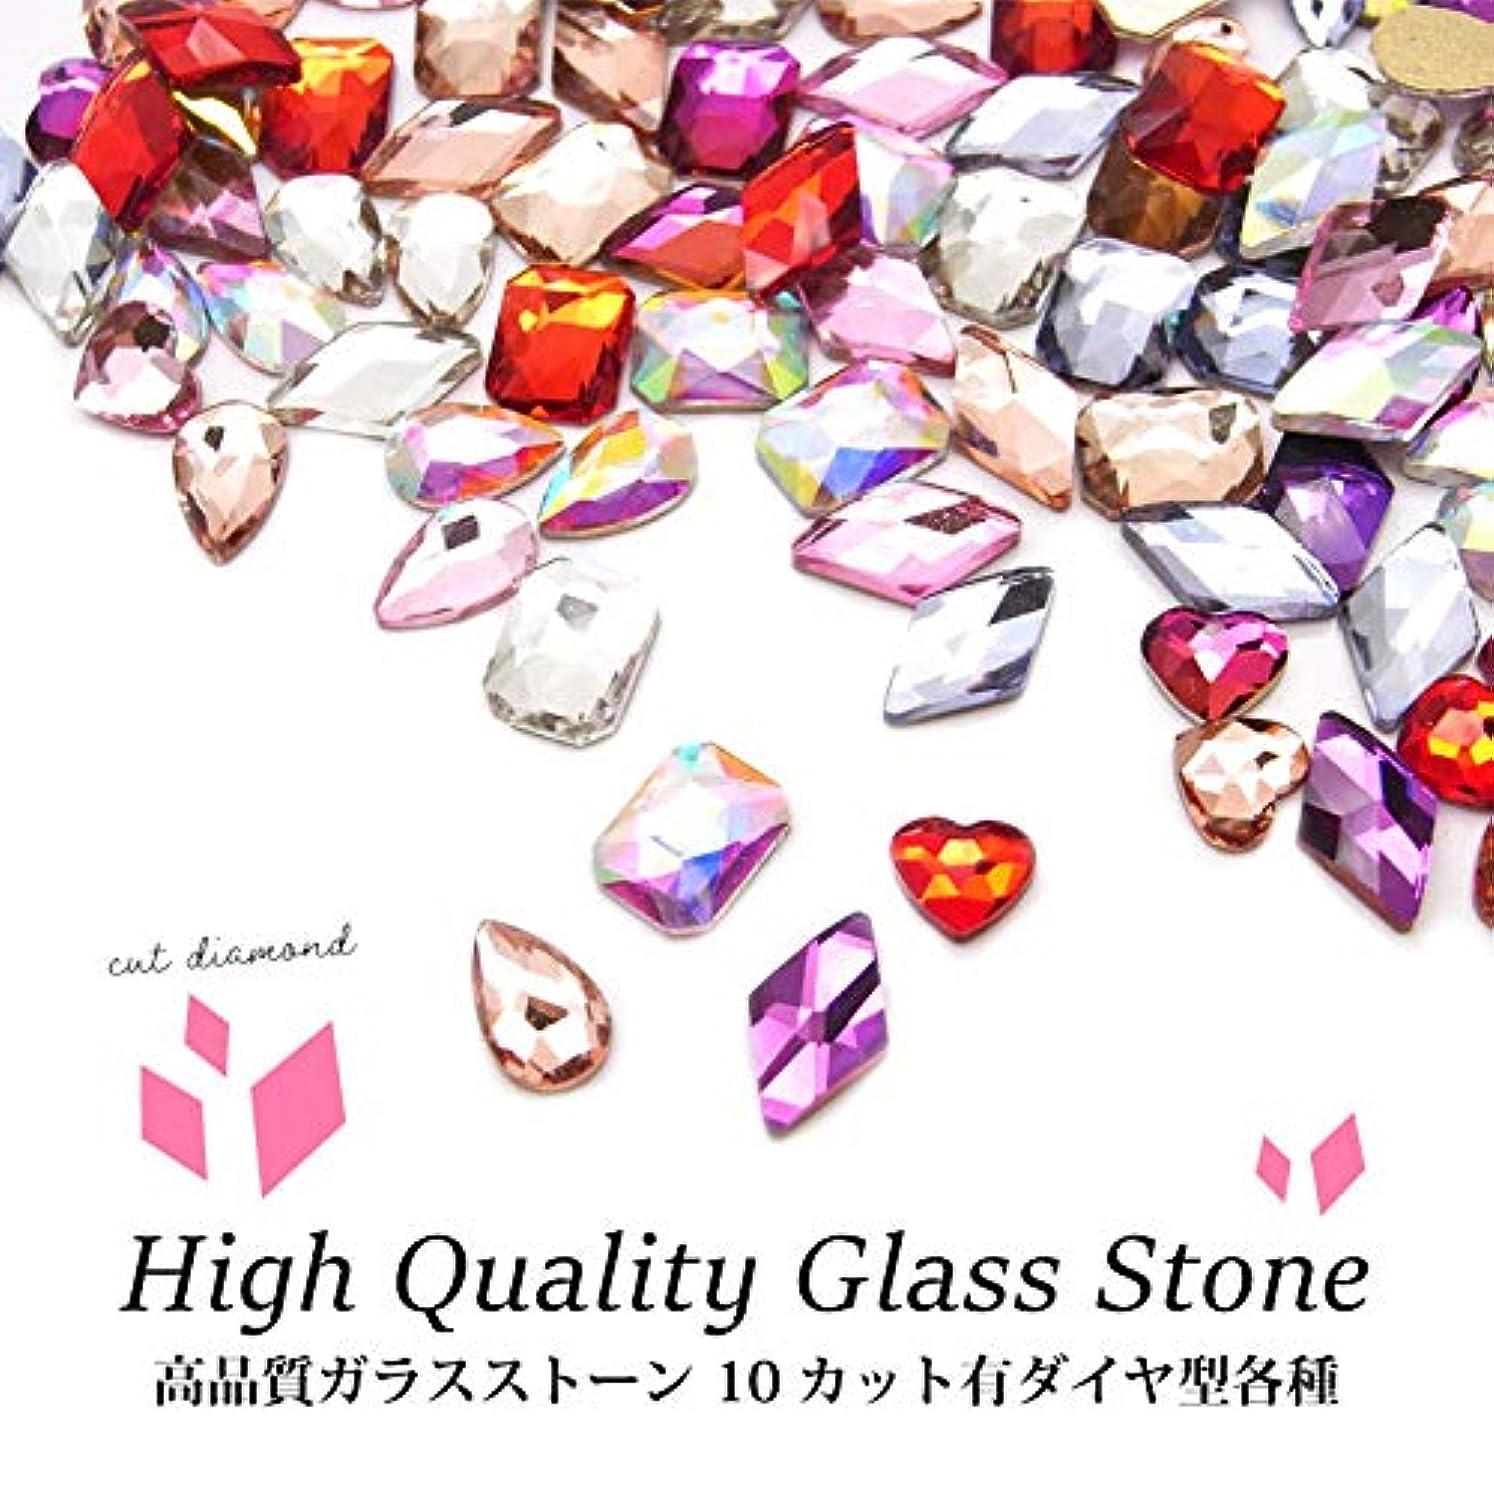 リム蛇行勇敢な高品質ガラスストーン 10 カット有ダイヤ型 各種 5個入り (6.ライトローズ)